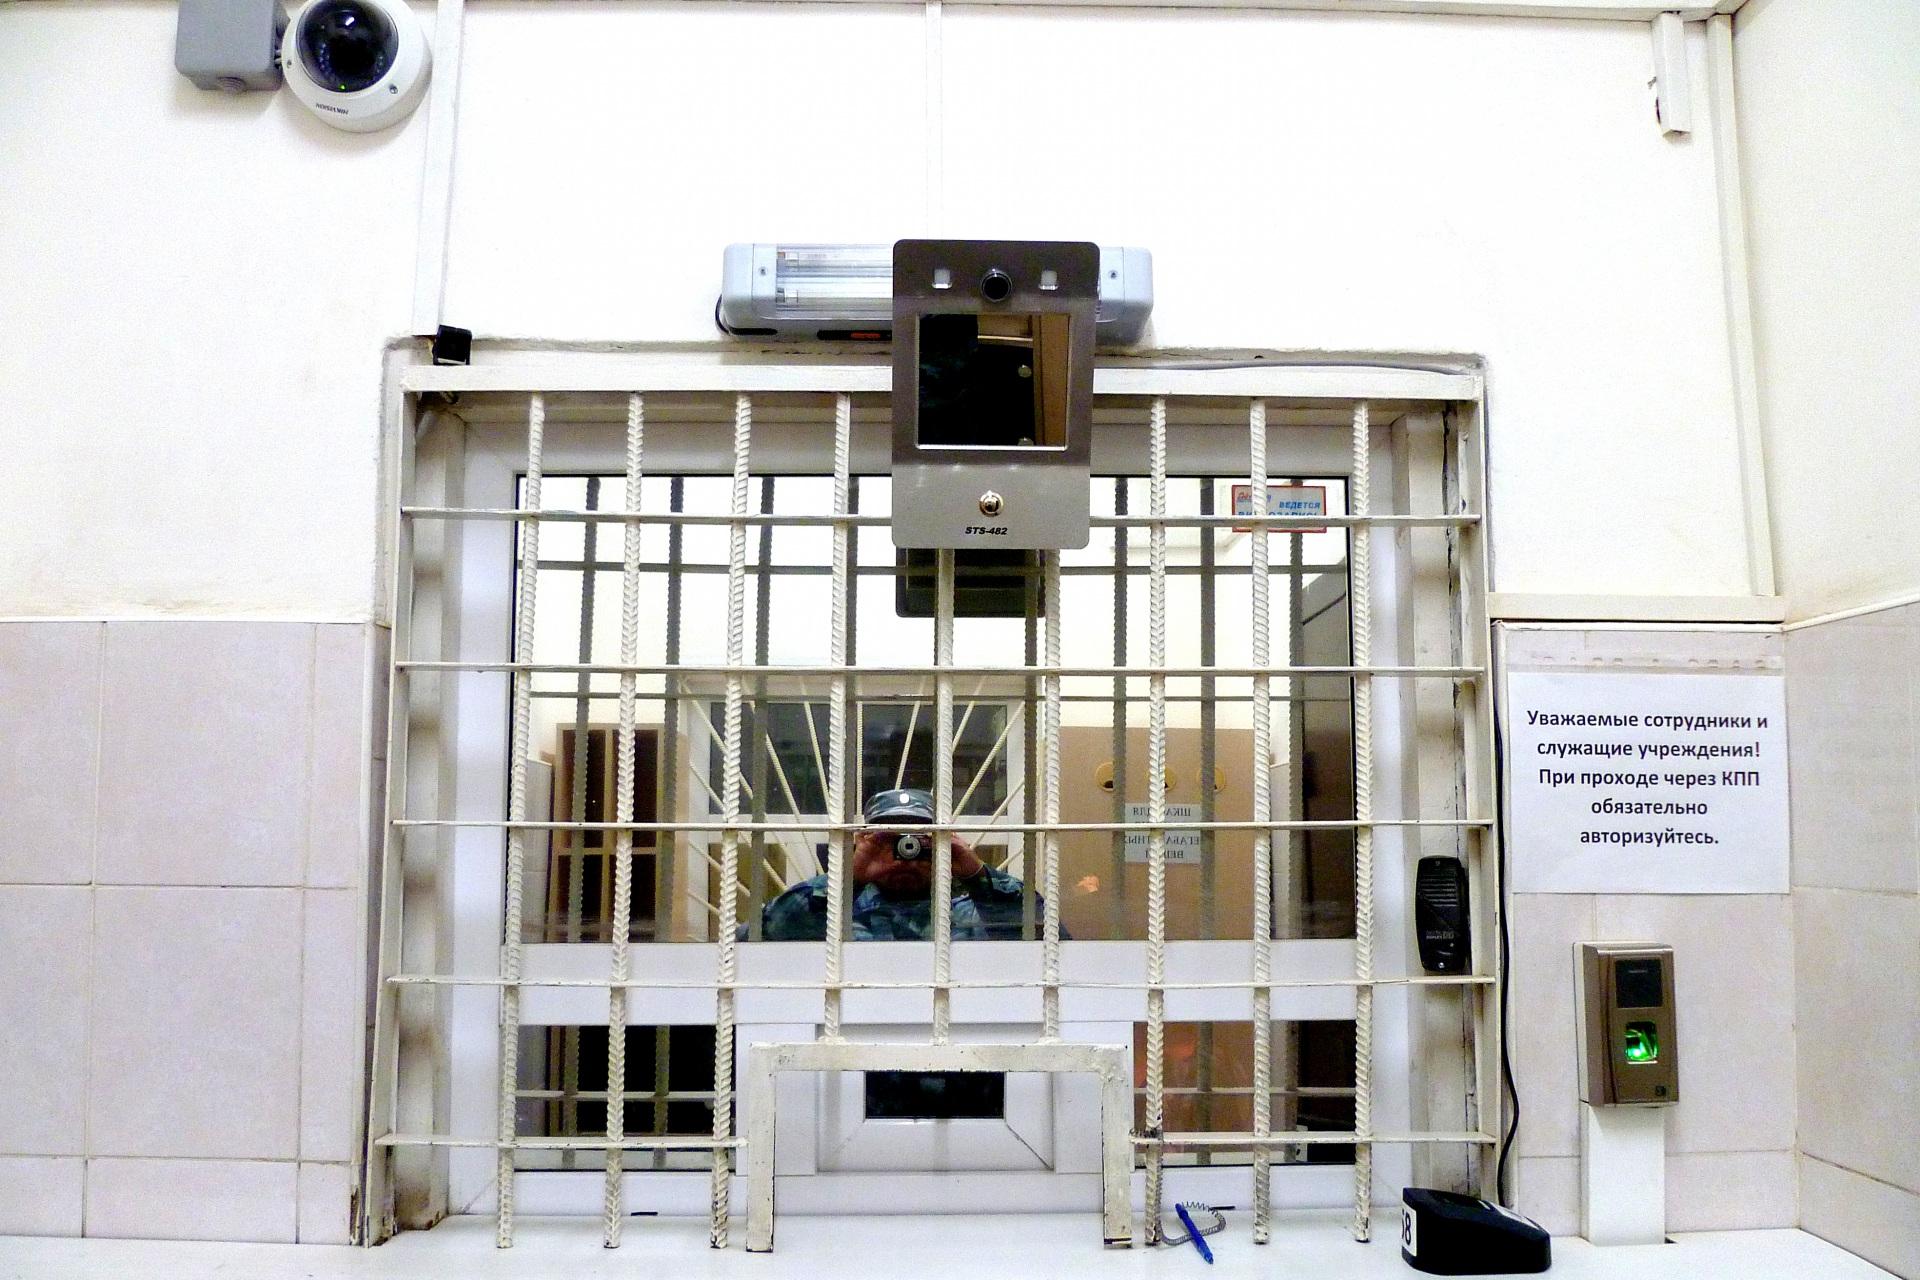 1.V-sledstvennyh-izolyatorah-UFSIN-stali-primenyat-biometricheskie-sistemy-raspoznavaniya-lichnosti.jpg